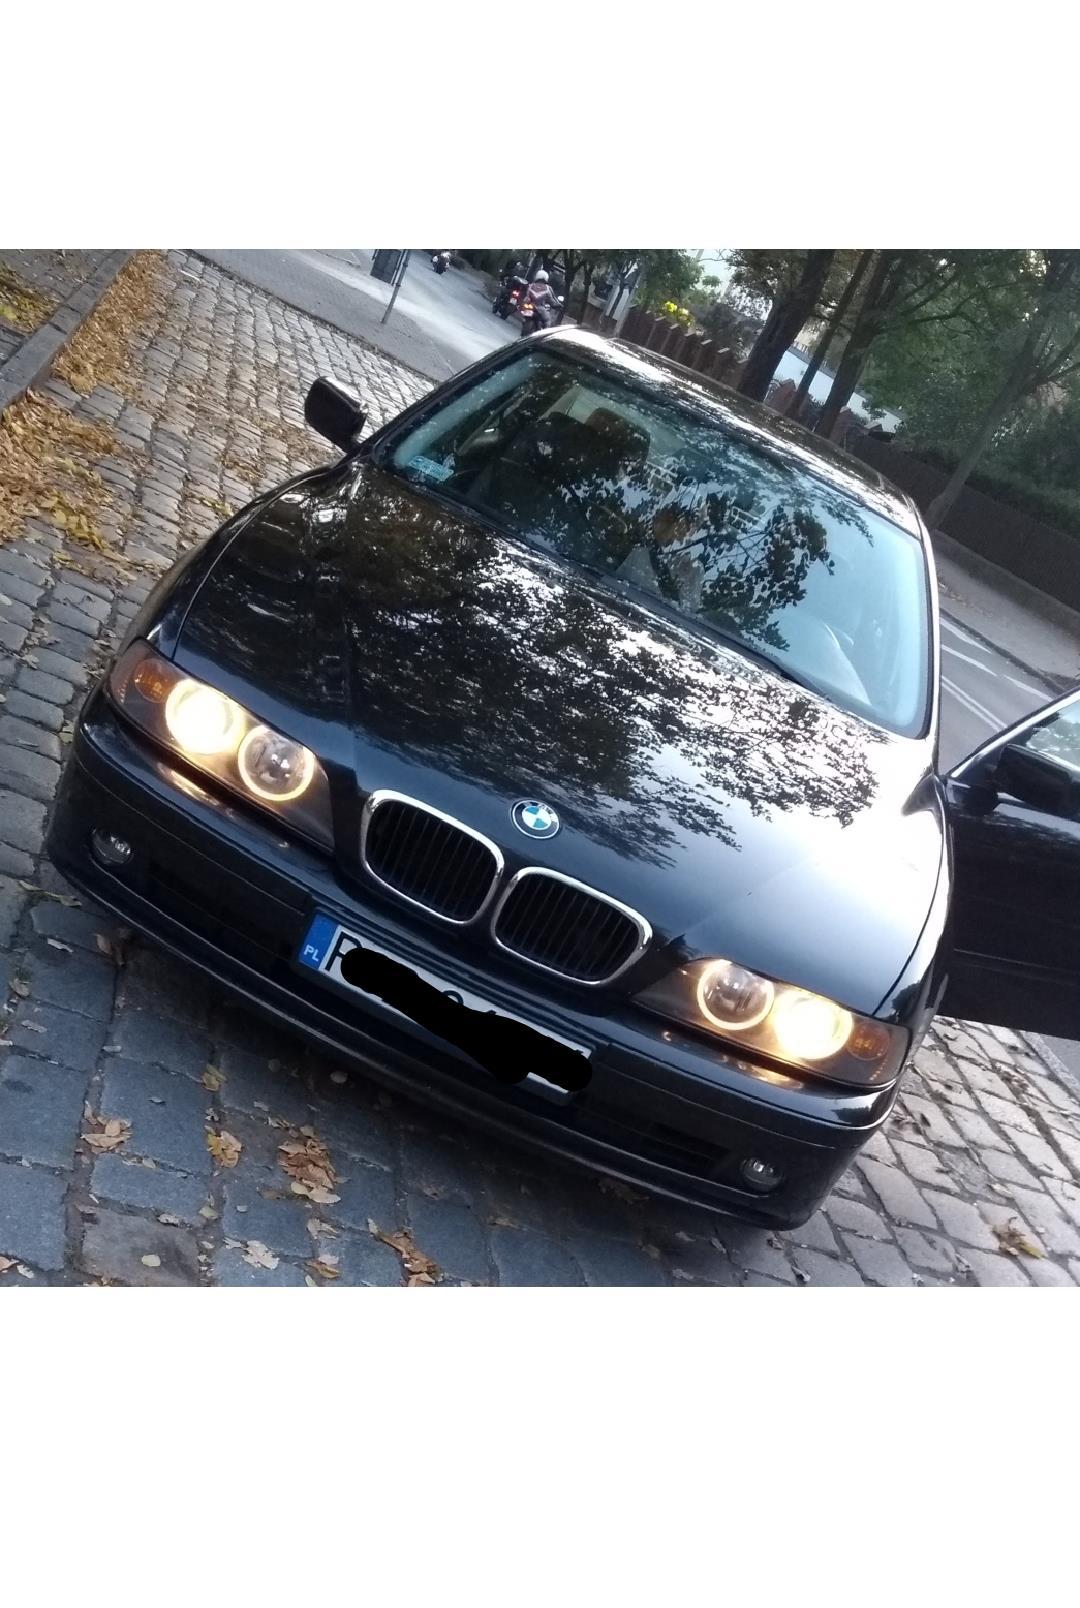 BMW Seria 5 E39 (1996-2003) Czarne BMW E39 klasyka gatunku 1